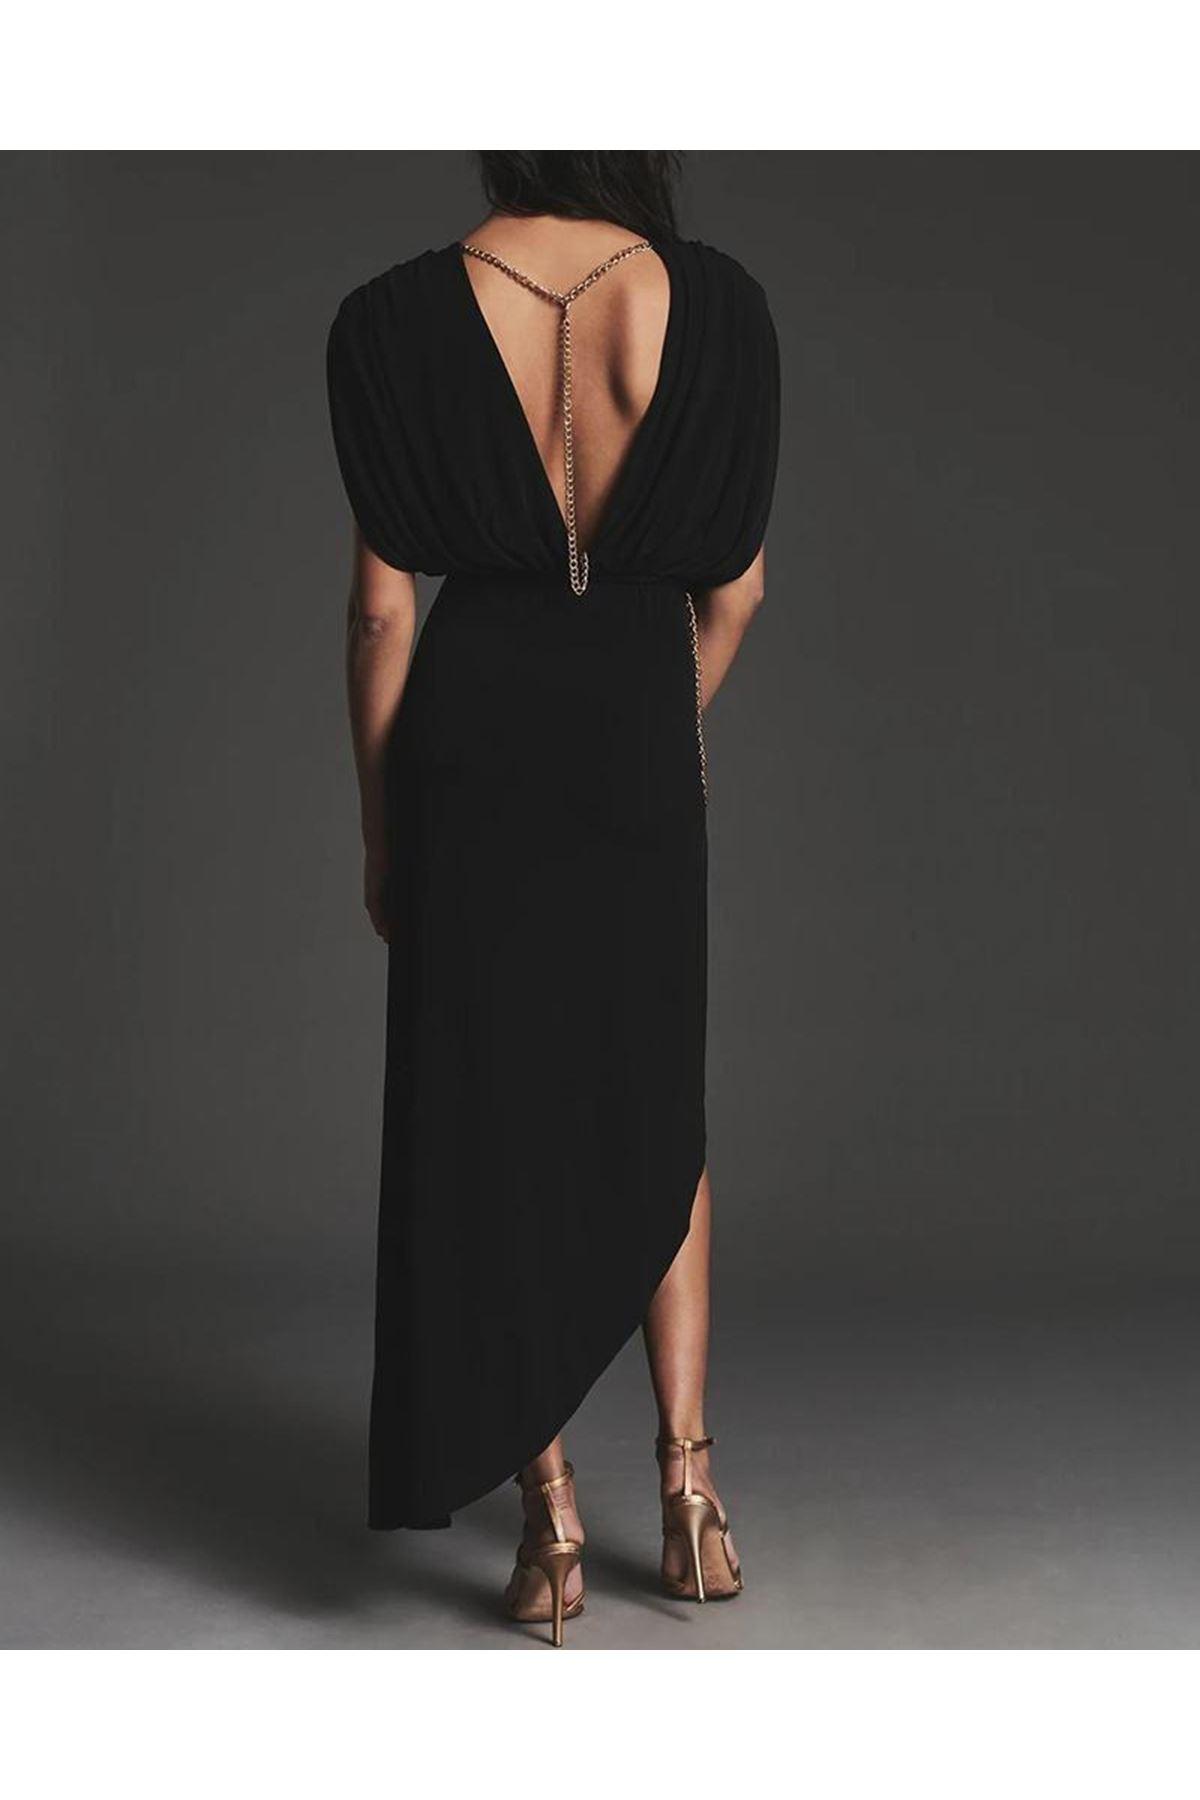 Zincir Detaylı Sırtı Açık Viskon Elbise - SİYAH